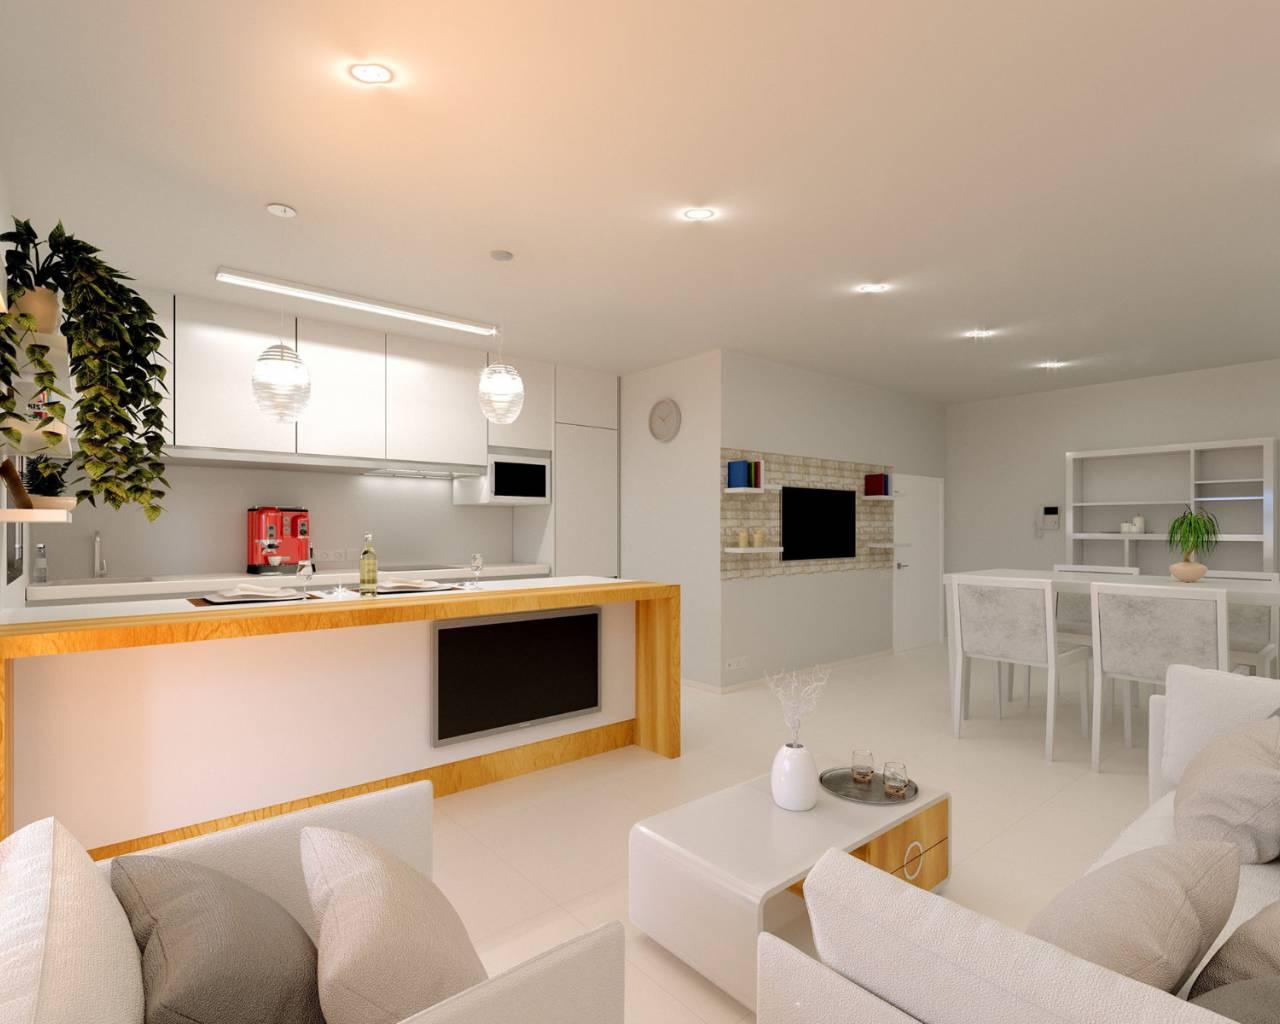 nieuwbouw-appartement-torrevieja-playa-del-cura_2513_xl